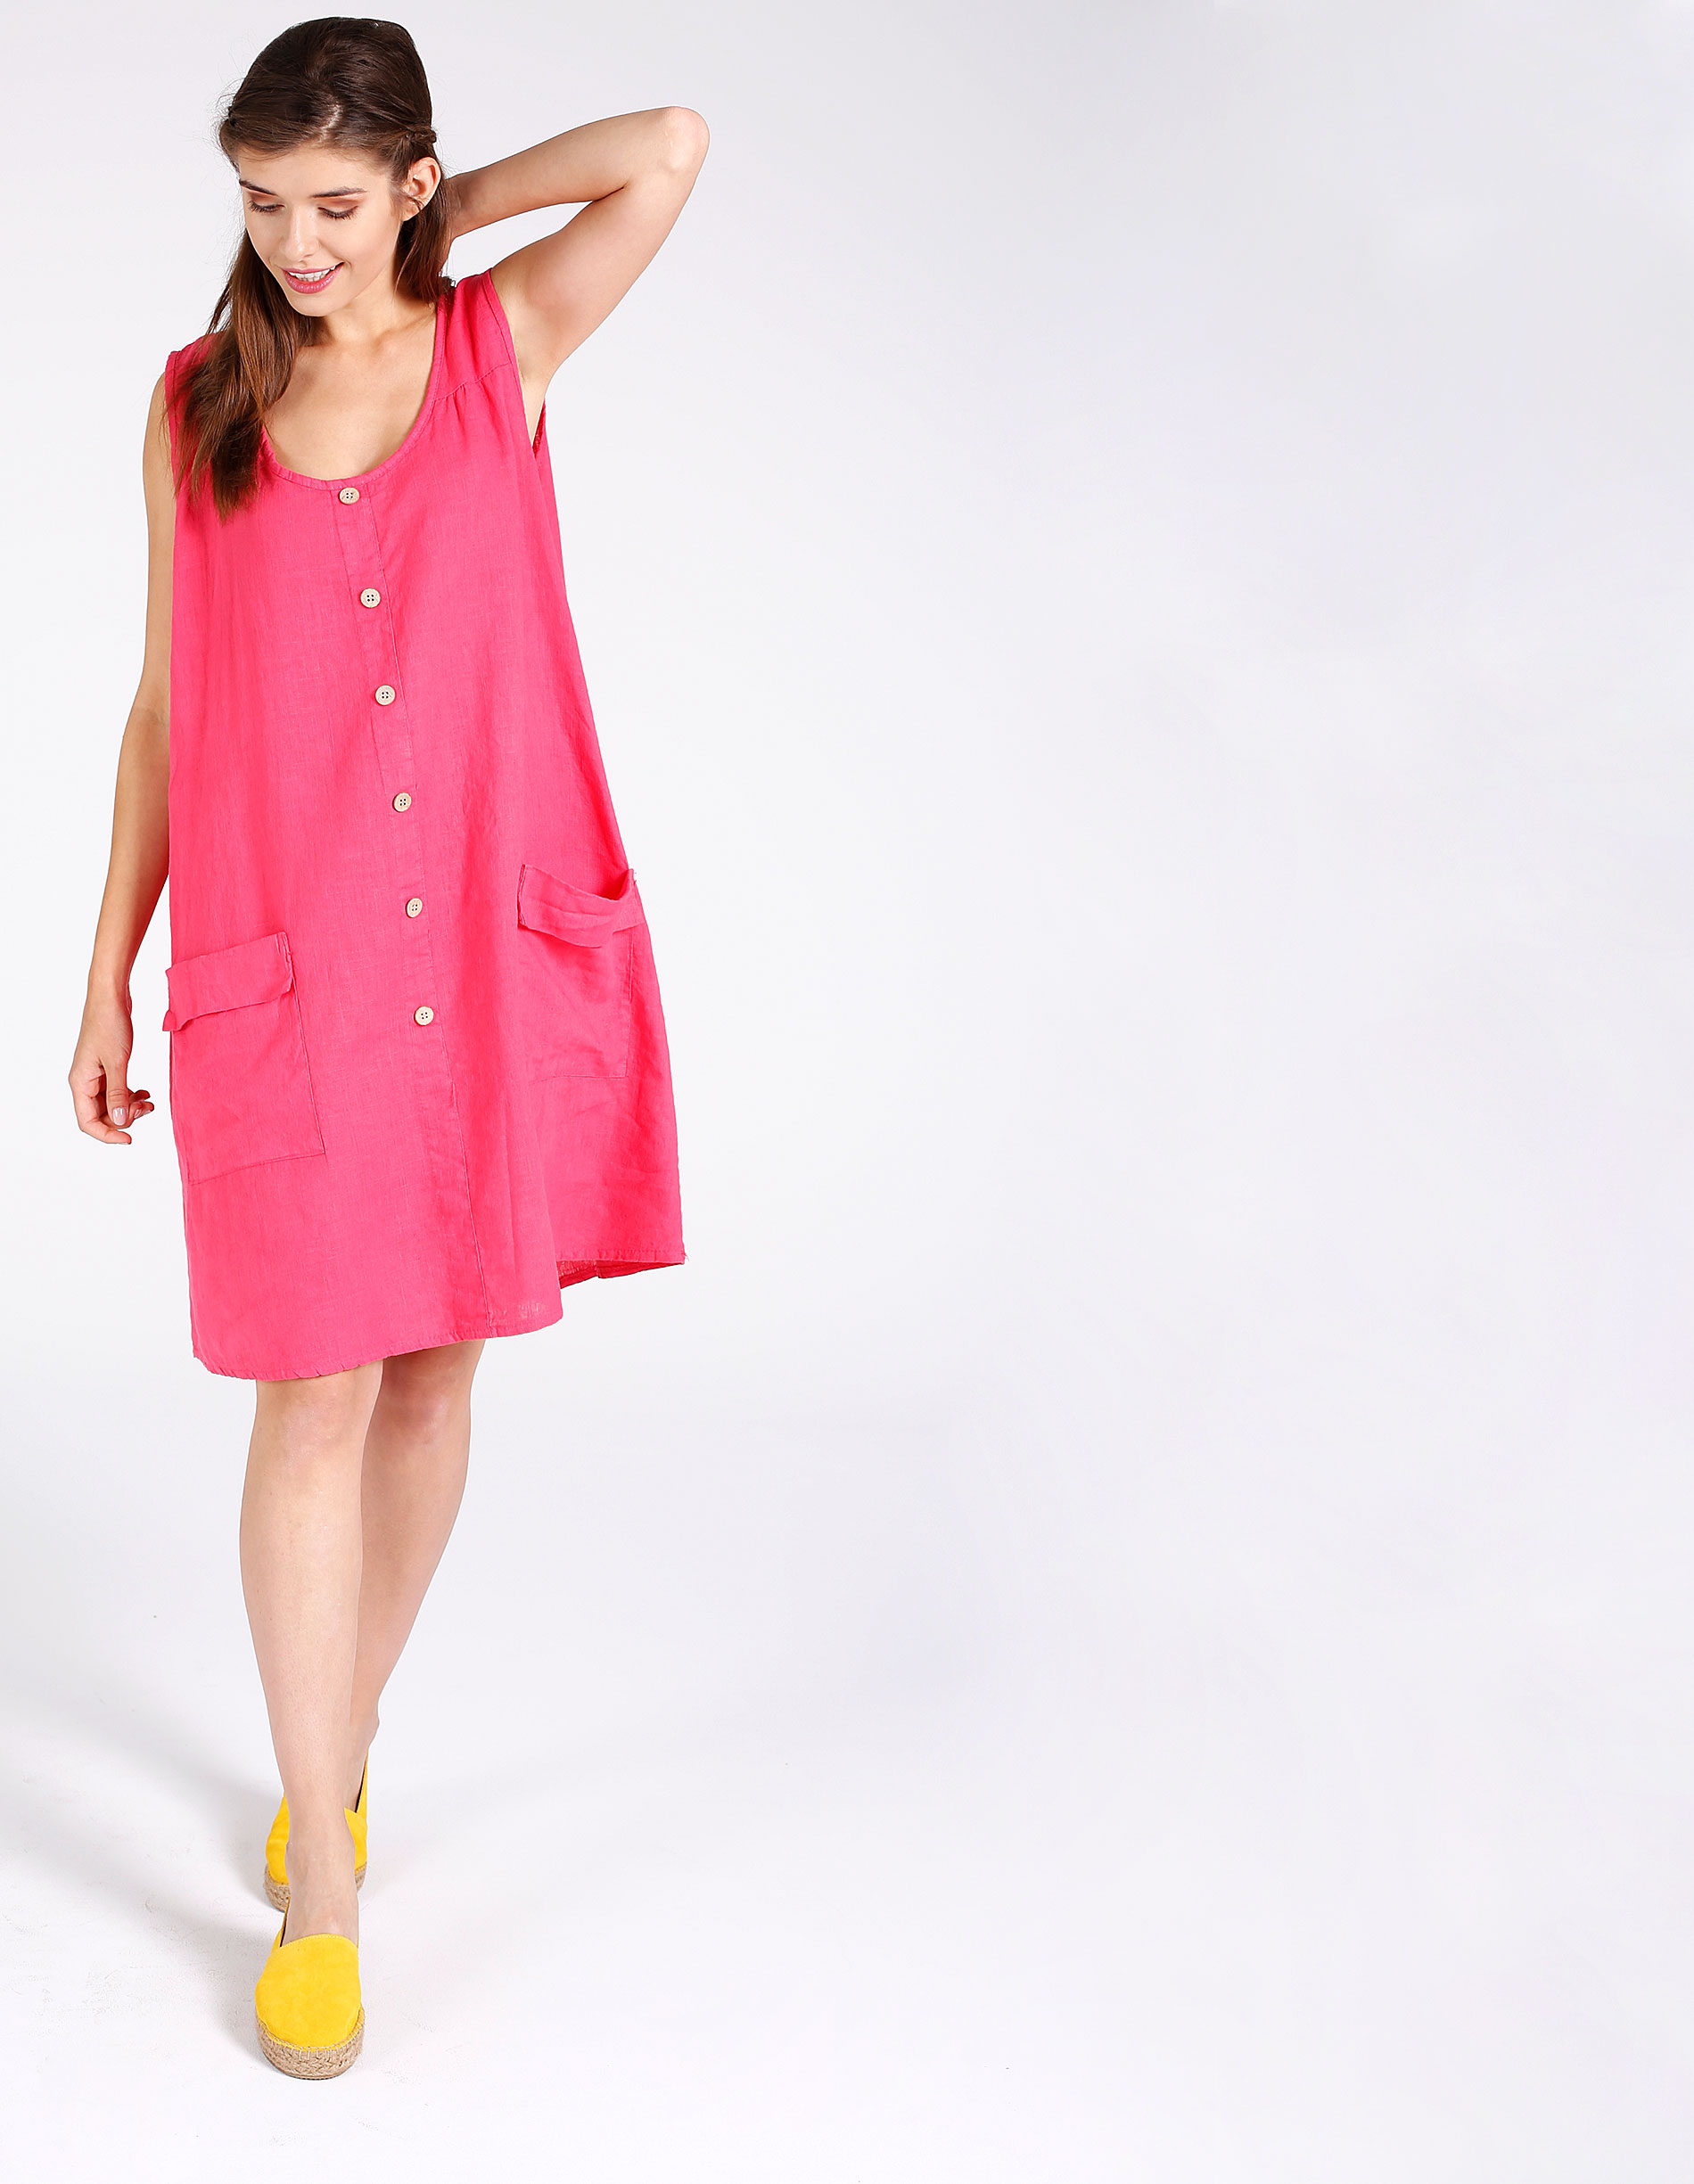 Sukienka - 37-001 FRAGOL - Unisono